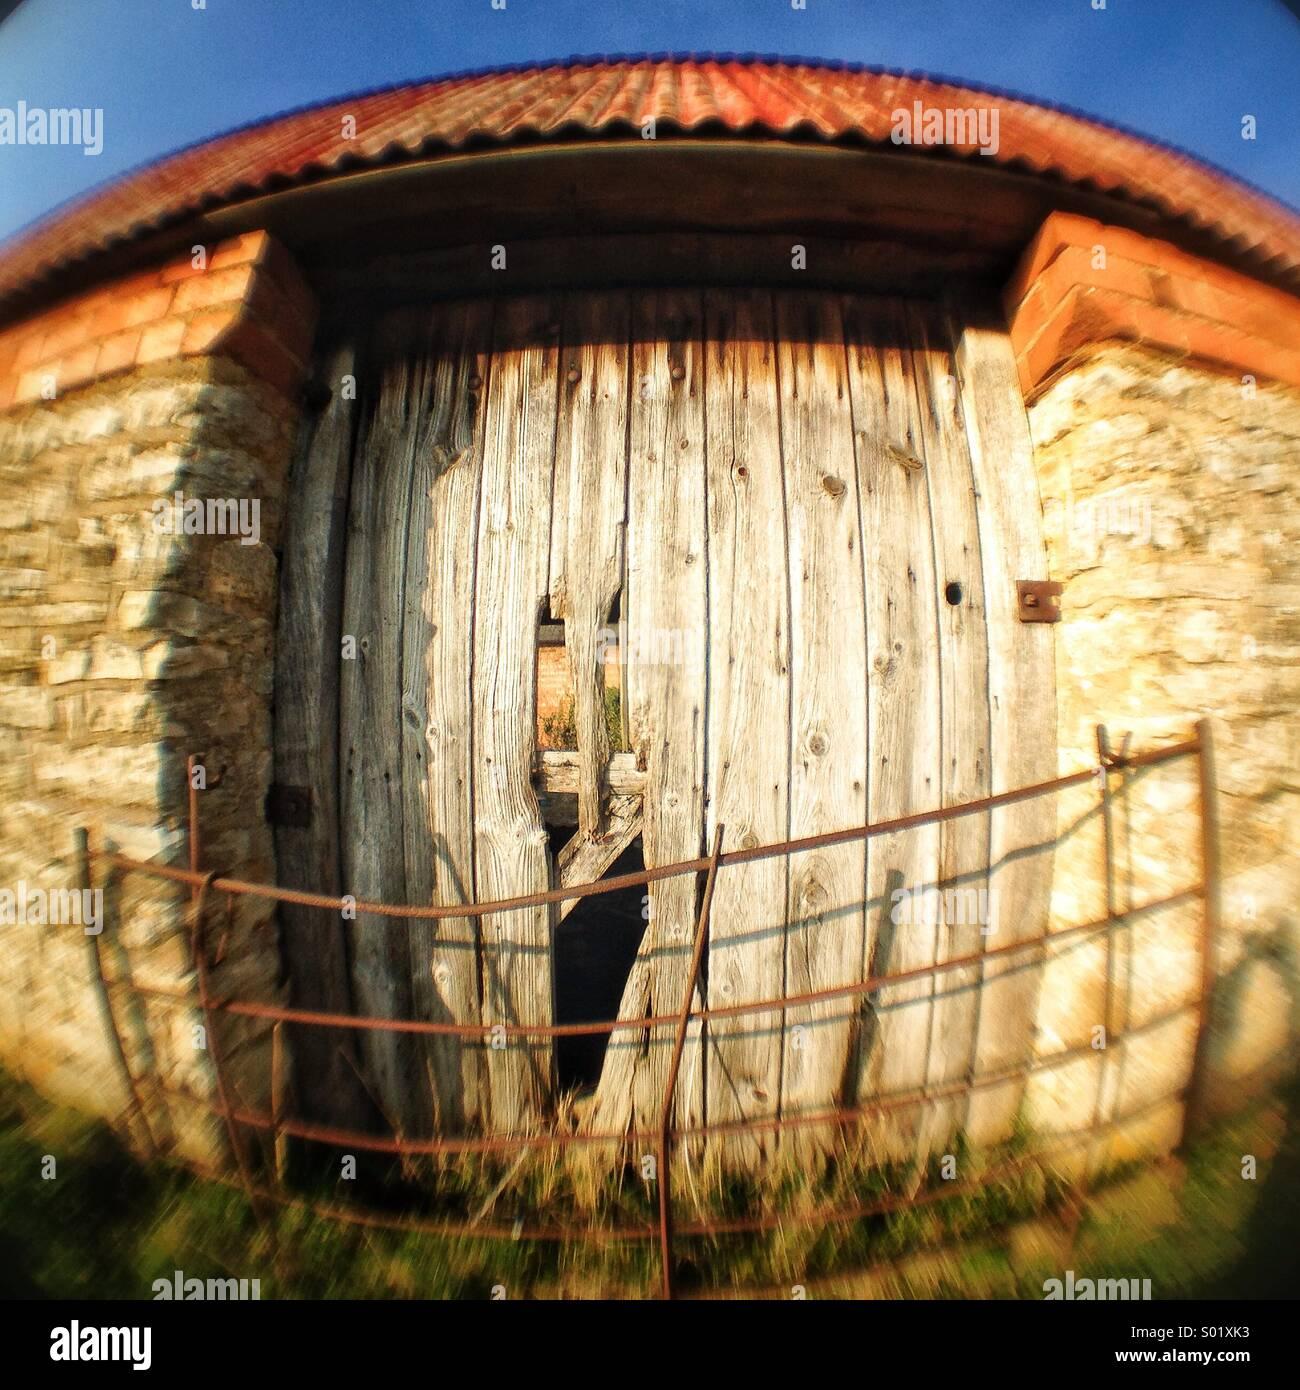 Vieille porte en bois dans la région de grange Photo Stock